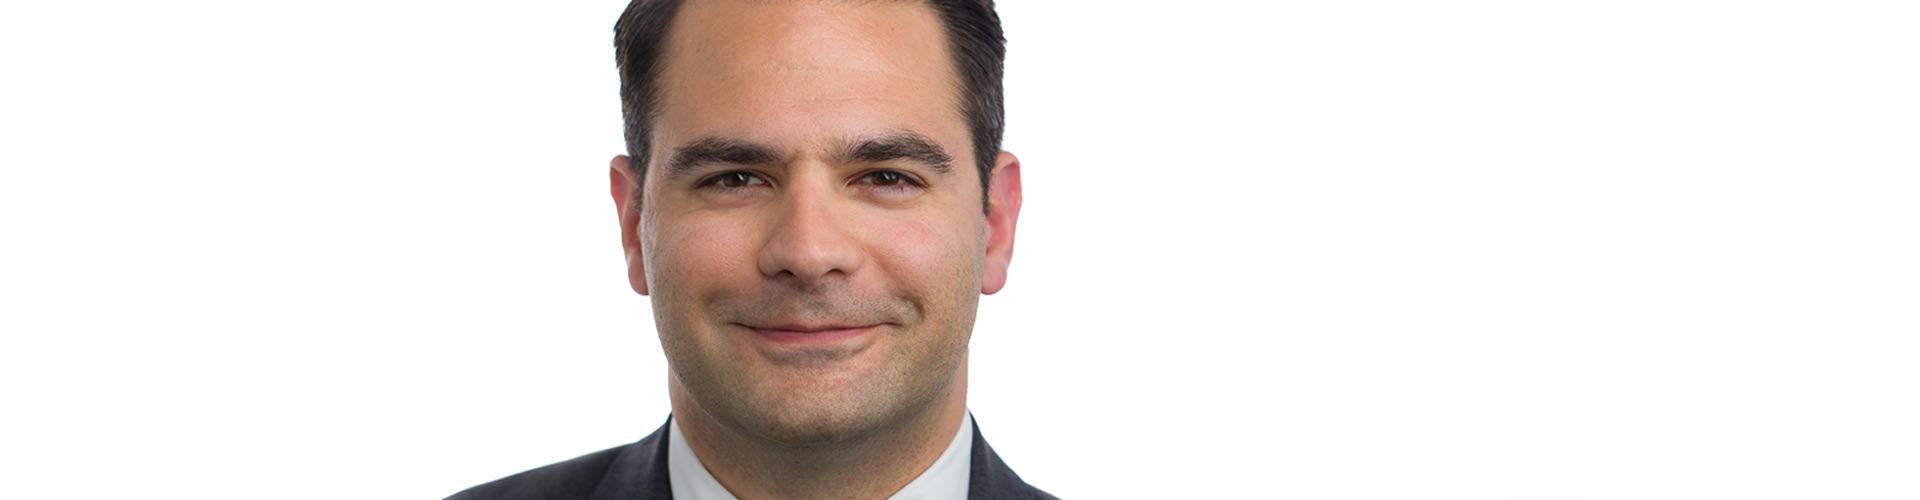 Attorney Mark Guidetti | Diemert & Associates Cleveland